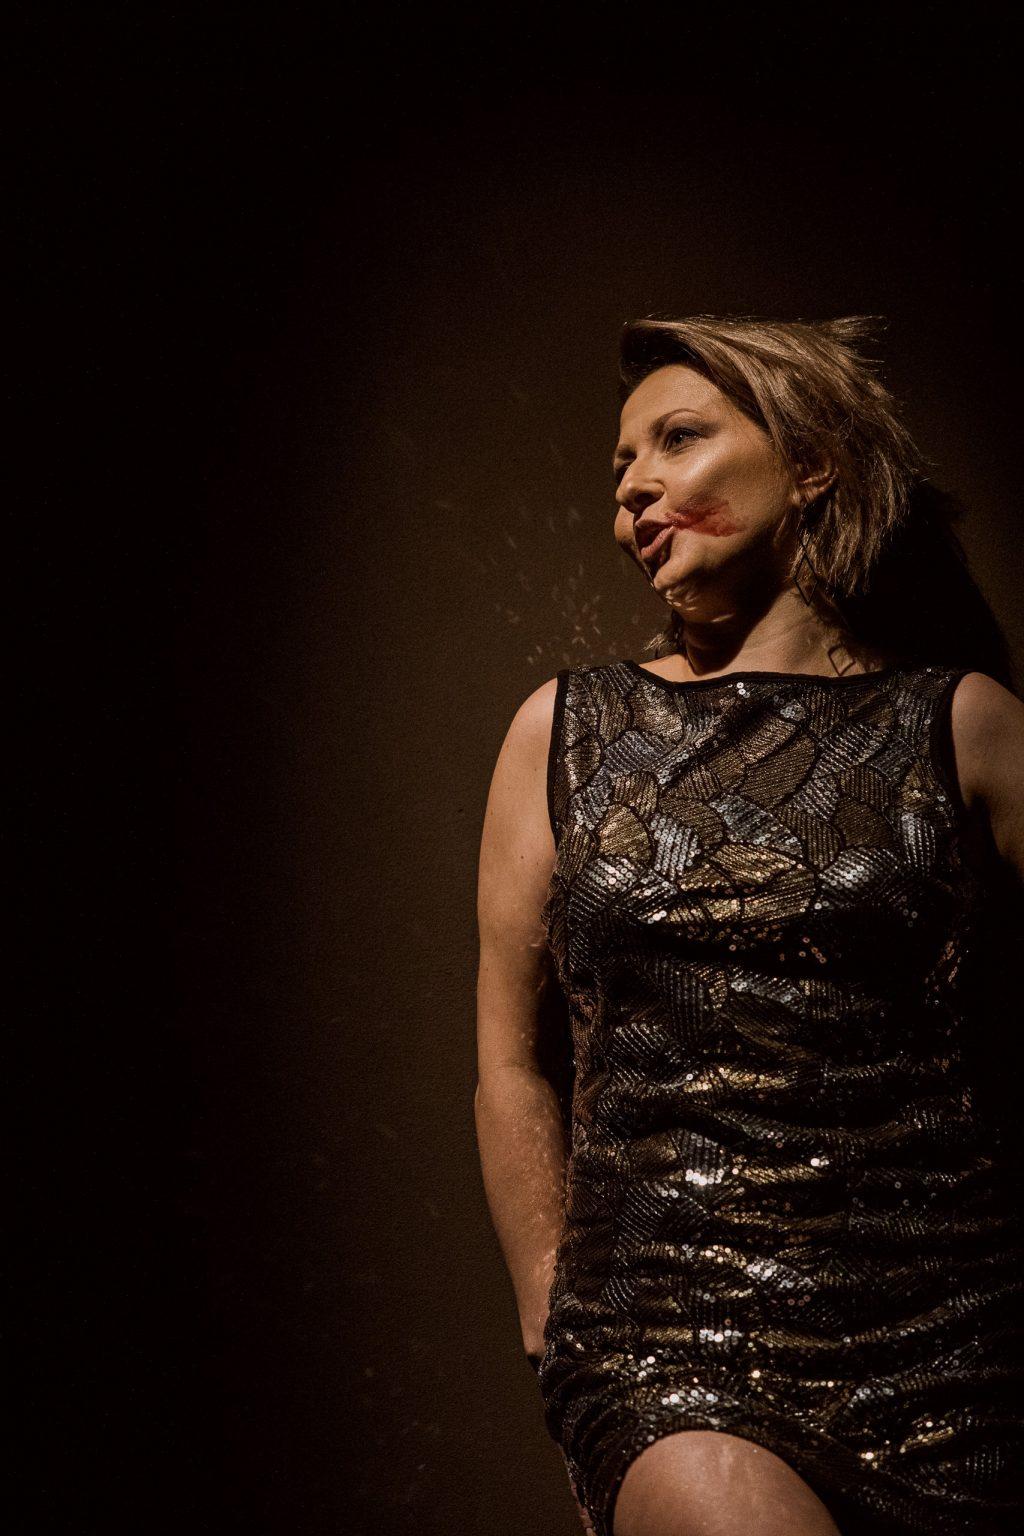 Kobieta w eleganckiej, obcisłej sukience. Stoi oparta o ścianę. Patrzy e lewą stronę kadru. Na twarzy ma rozmazaną czerwoną szminkę.